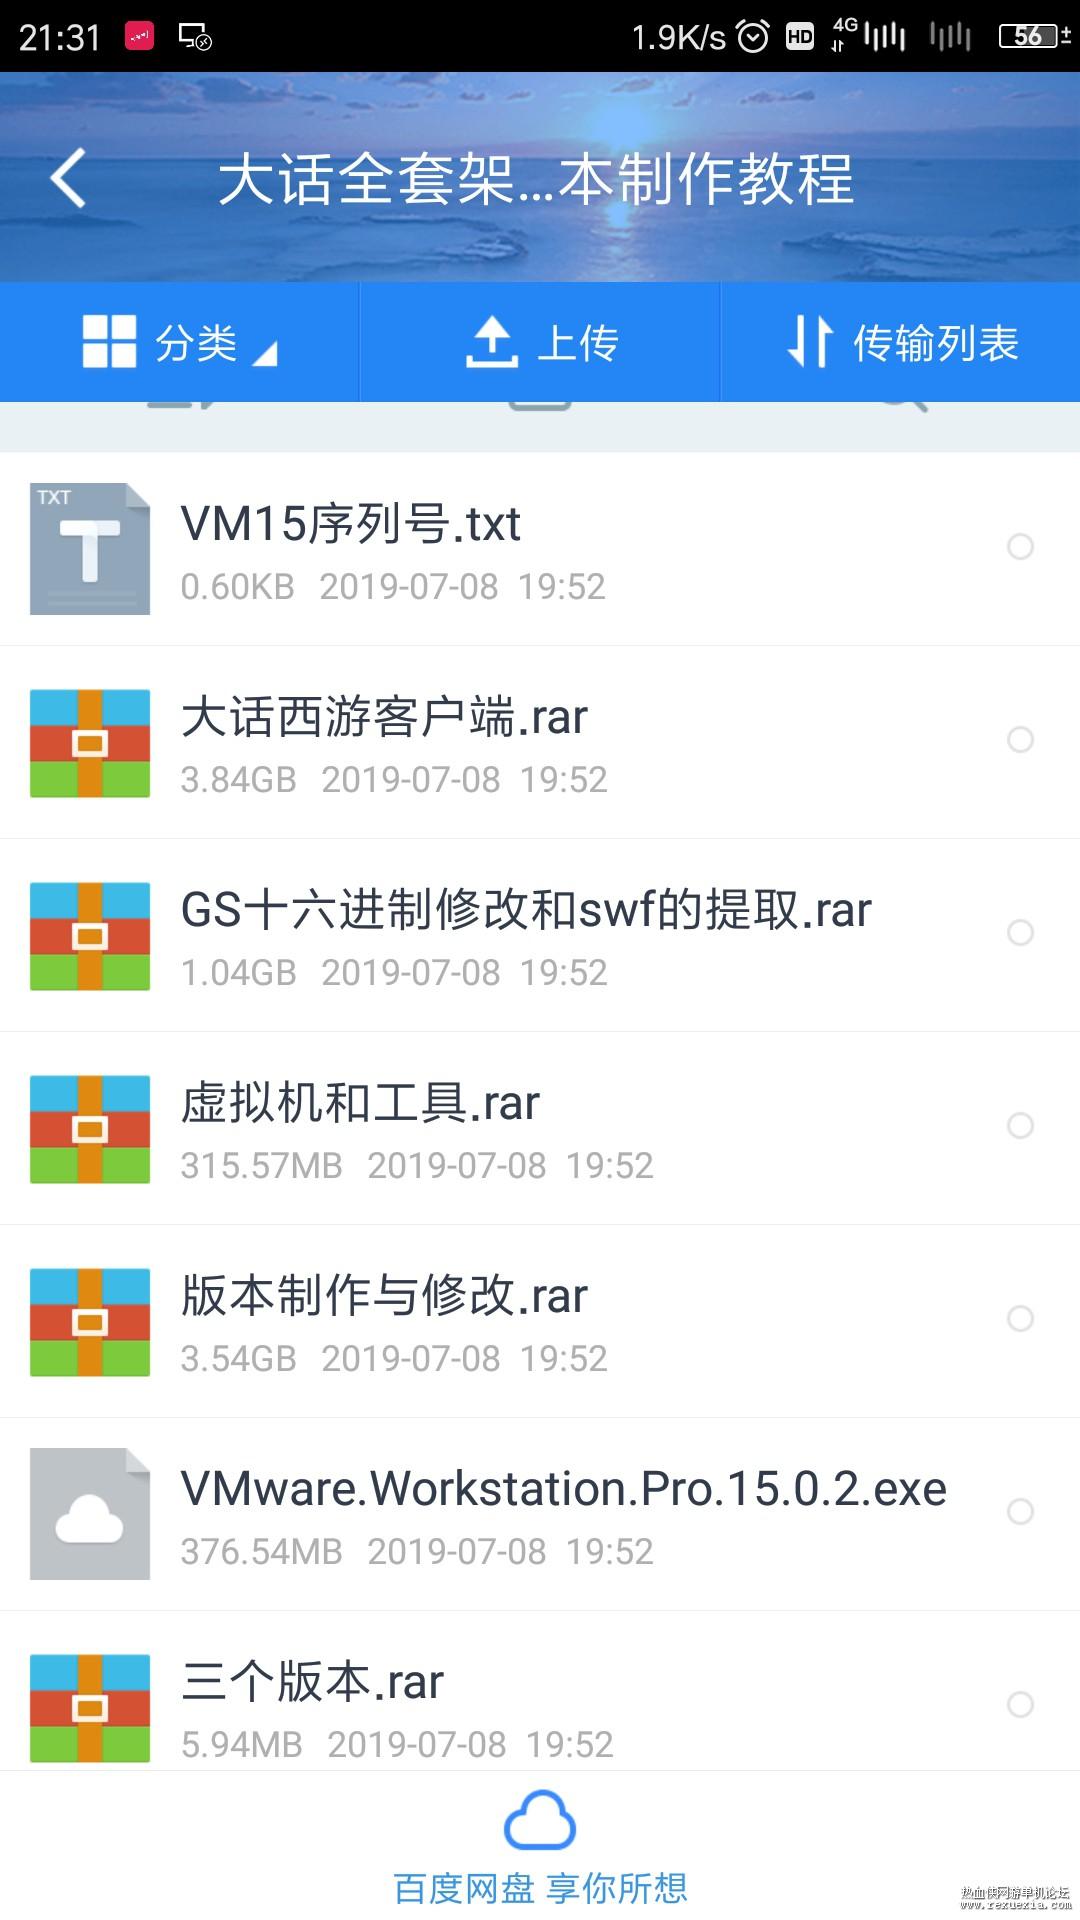 Screenshot_2019-07-26-21-31-41-628_com.baidu.netdisk.jpg